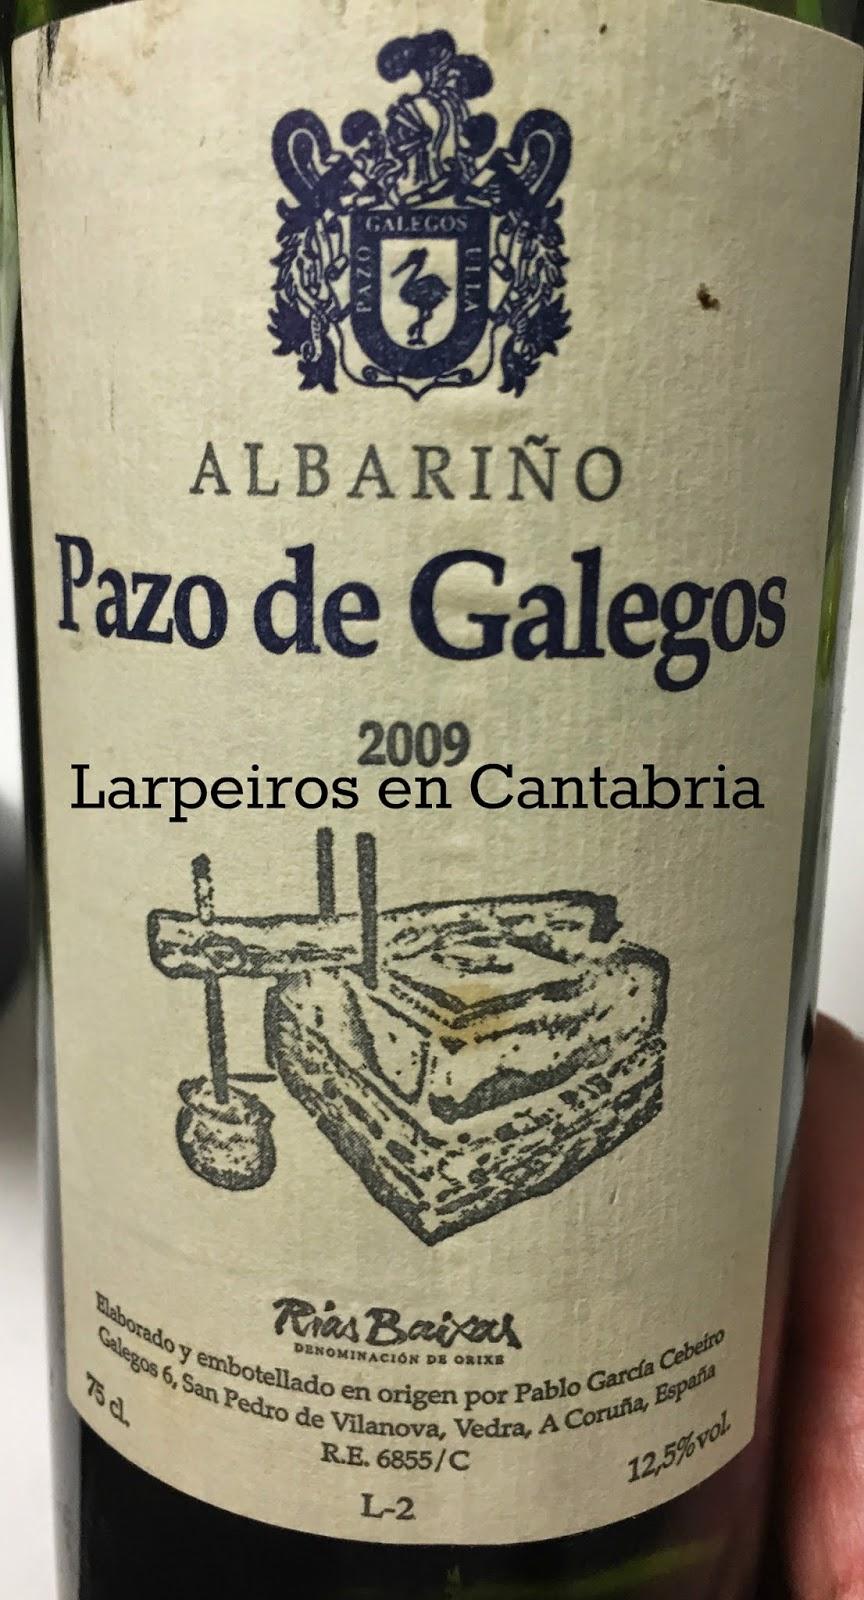 Vino Blanco Pazo de Galegos 2009: Realmente Bueno